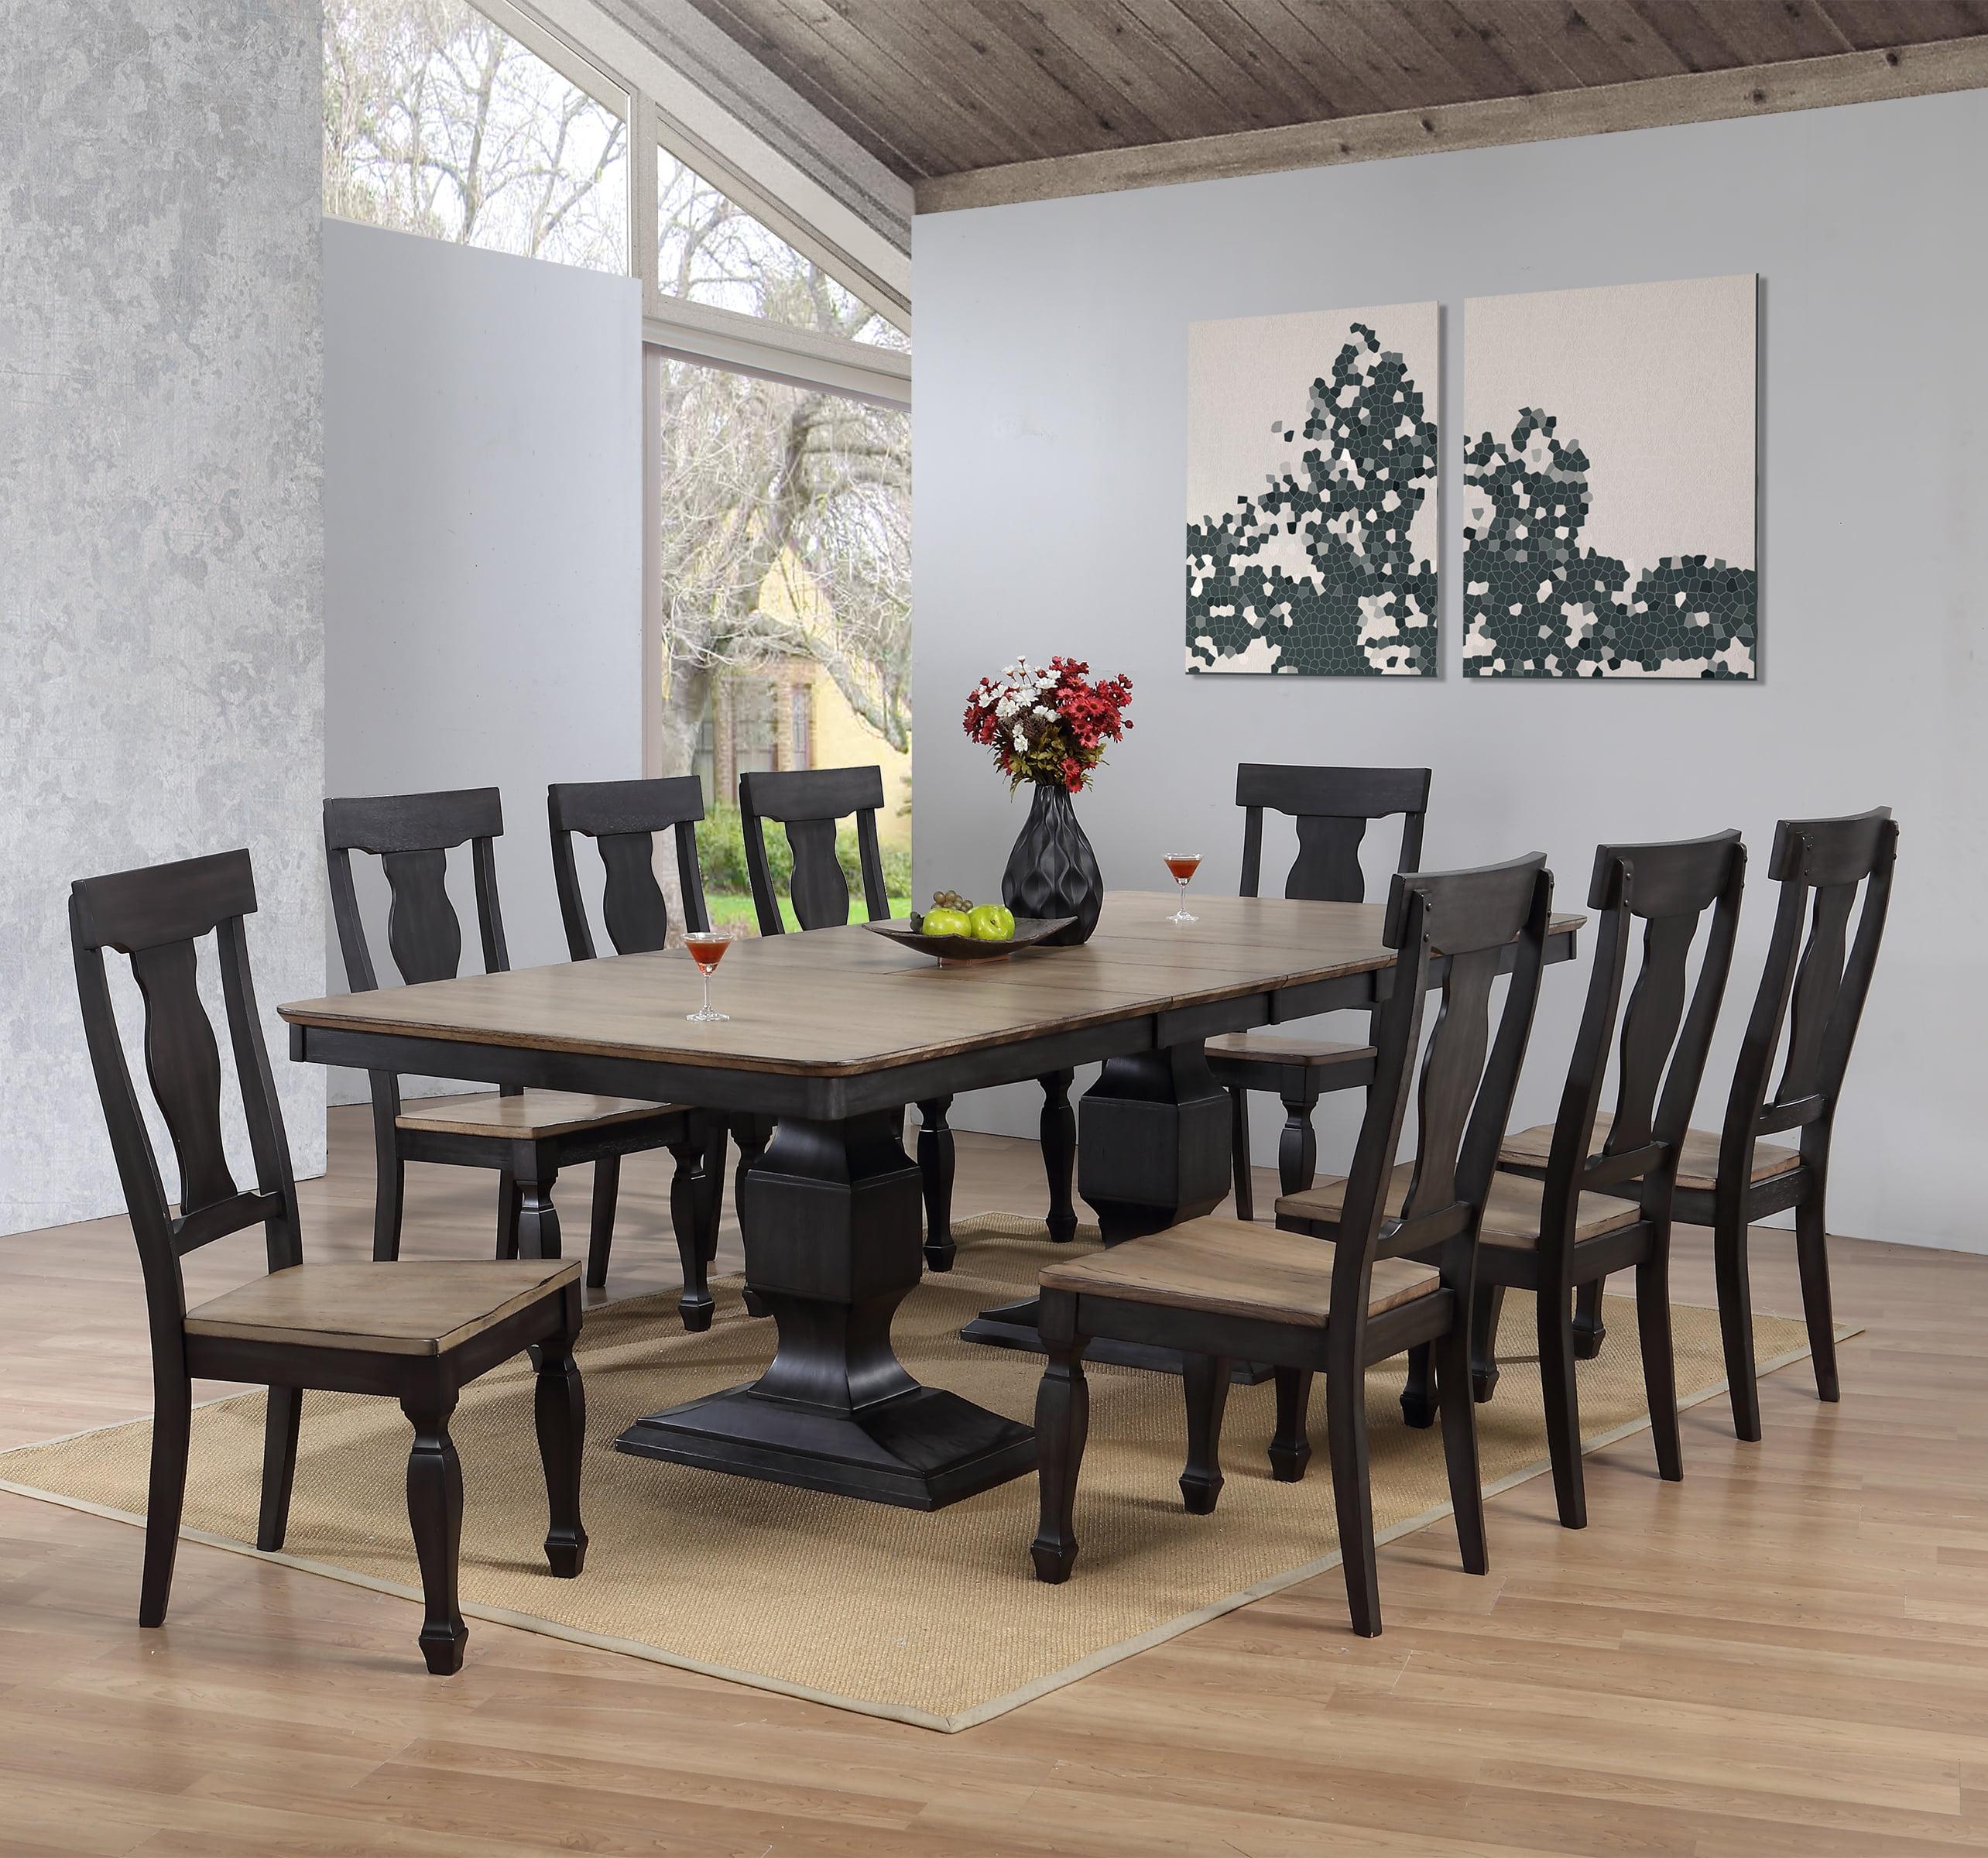 Formal Dining Room Set: Lowel 9 Piece Formal Dining Room Set, Charcoal & Oak Wood